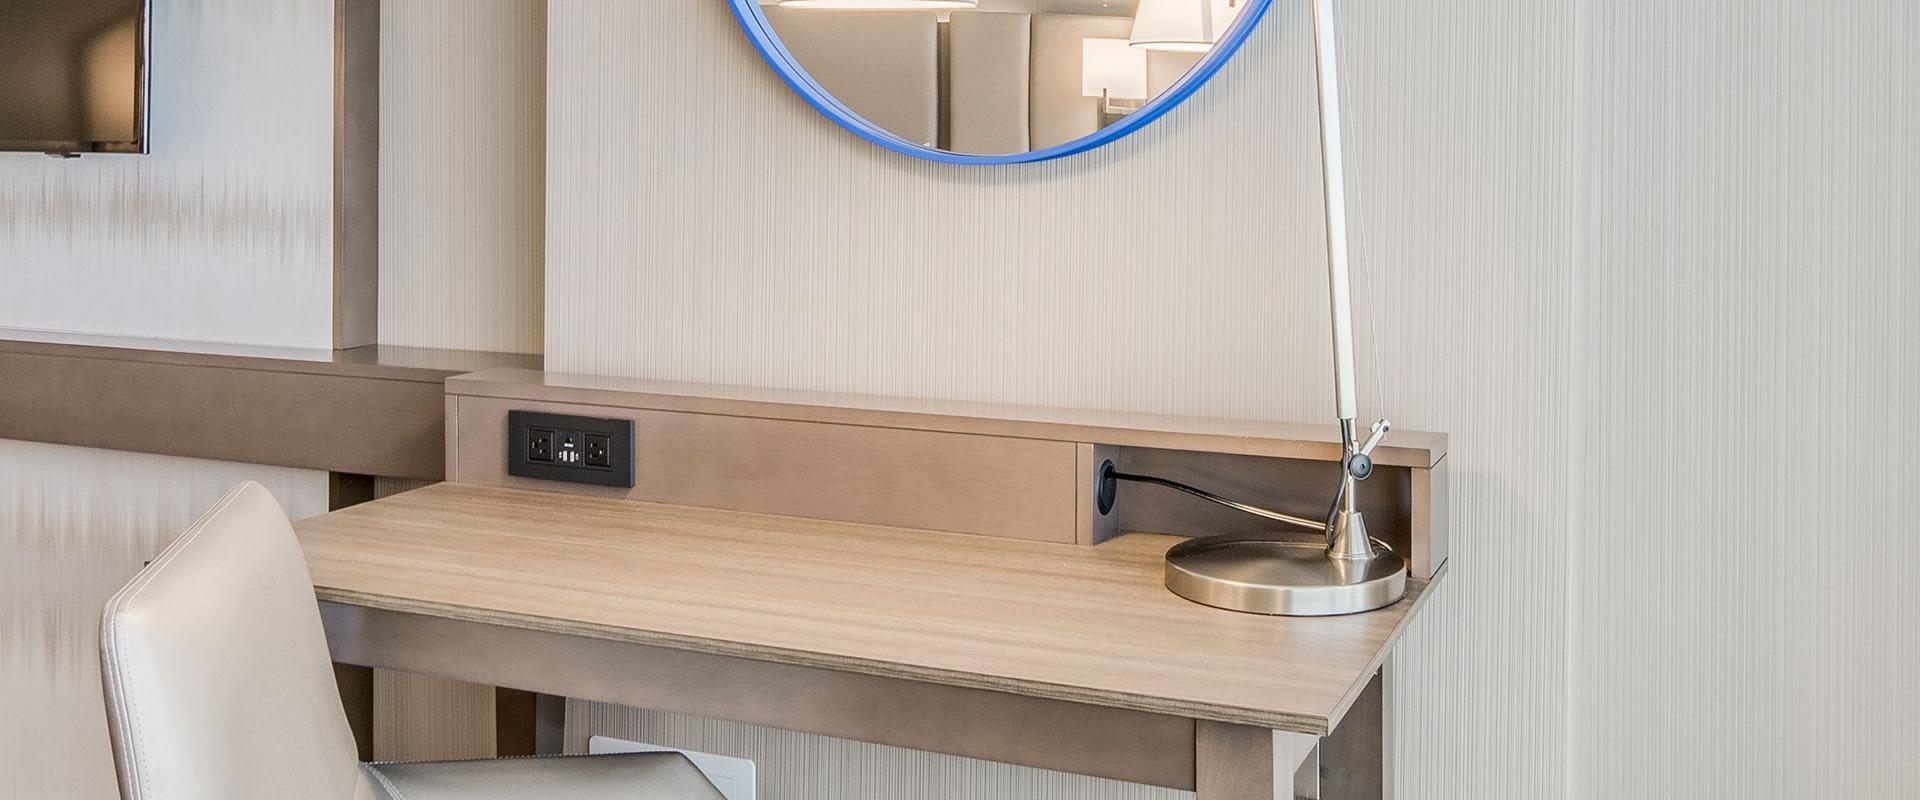 Denver Guest Room Desk With Outlets